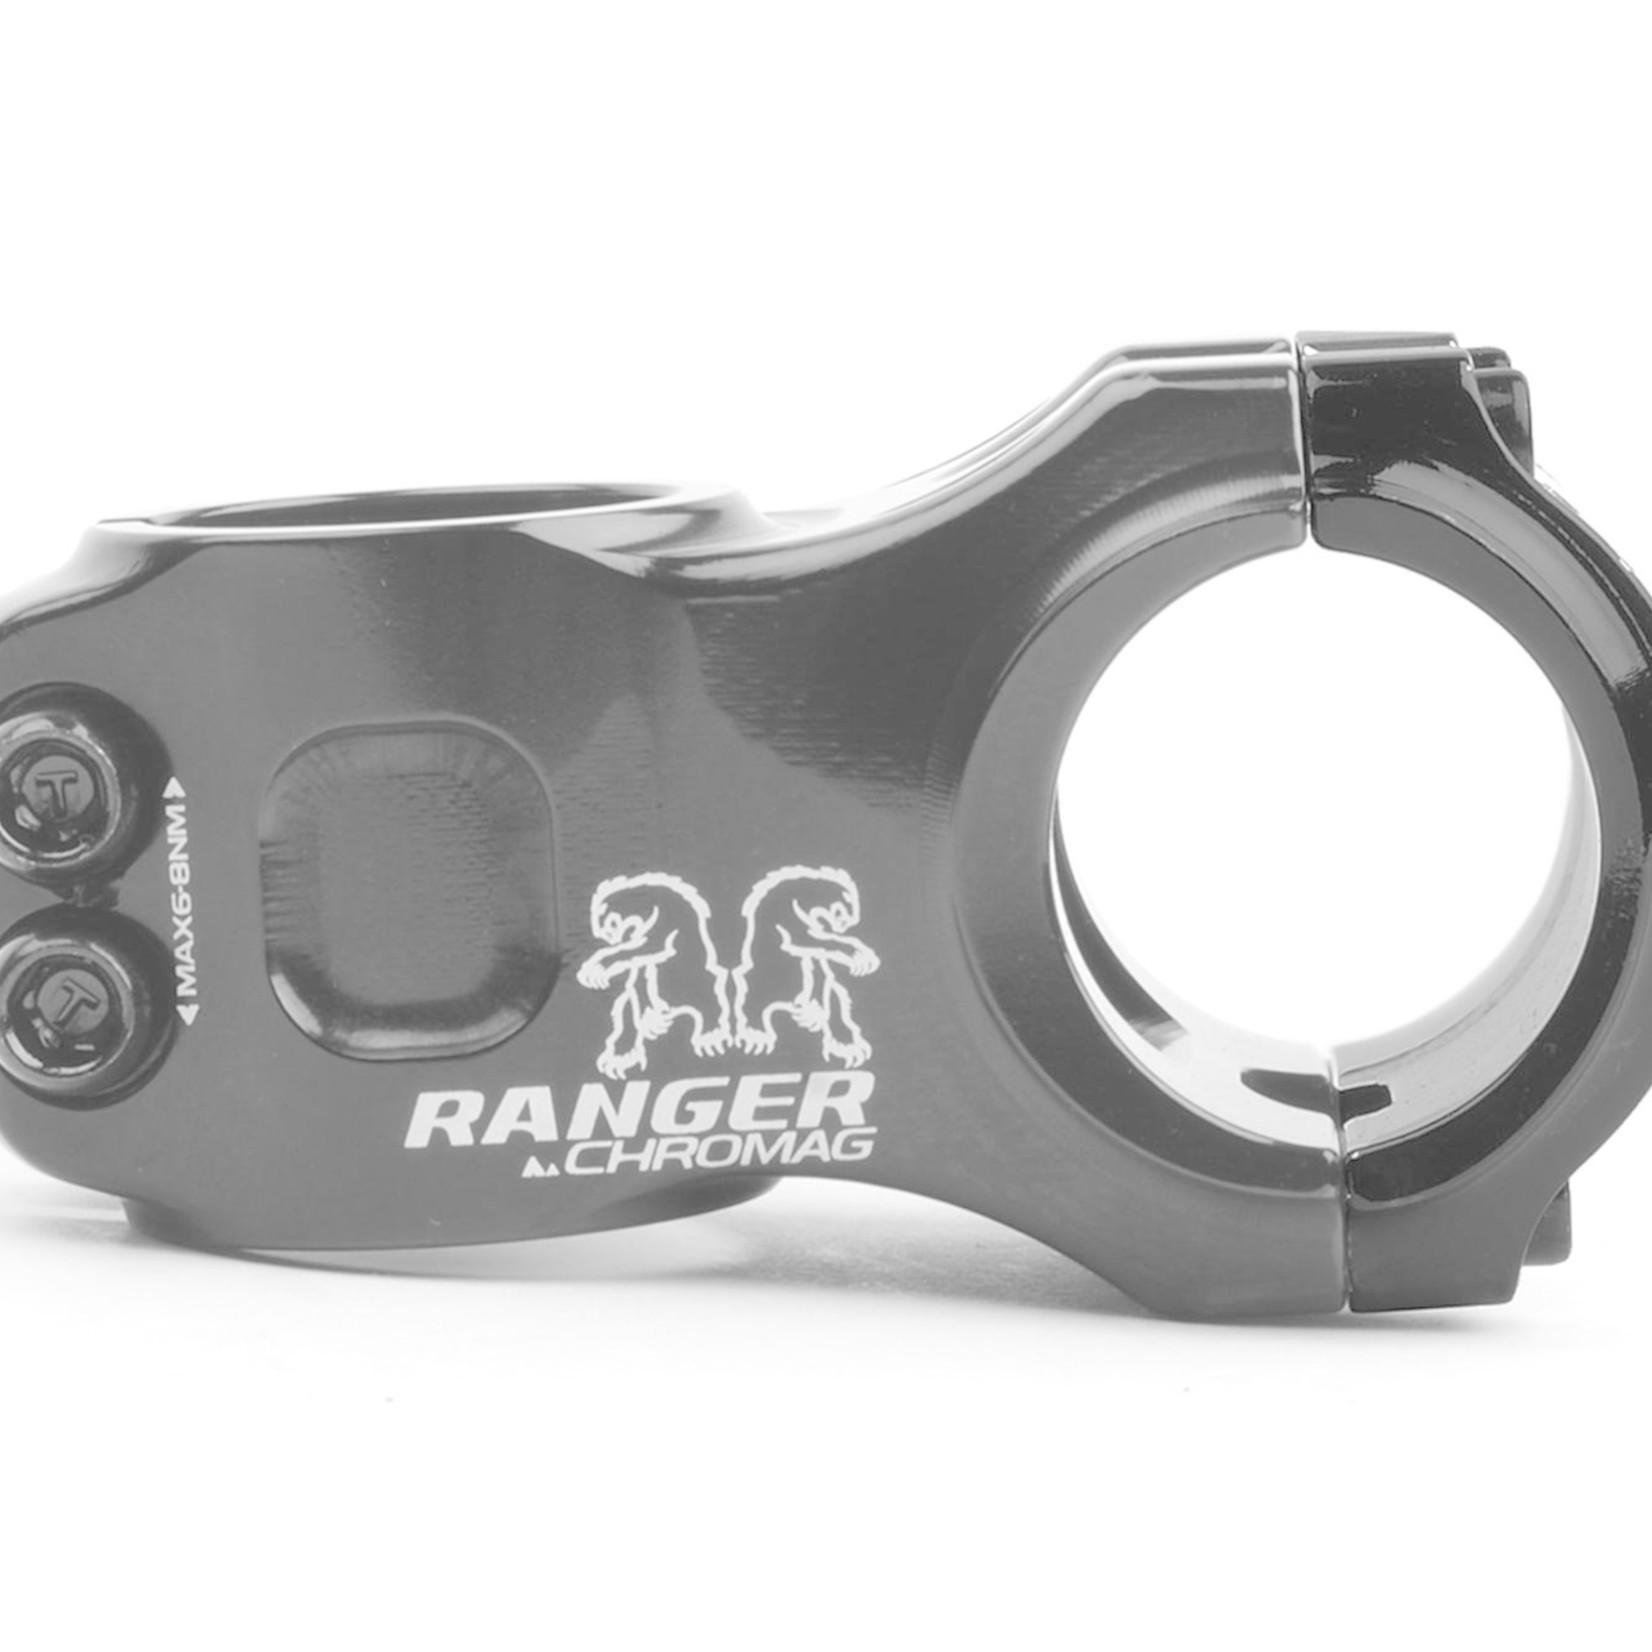 Chromag Ranger V2 Stem, (31.8) 0d x 40mm - Black